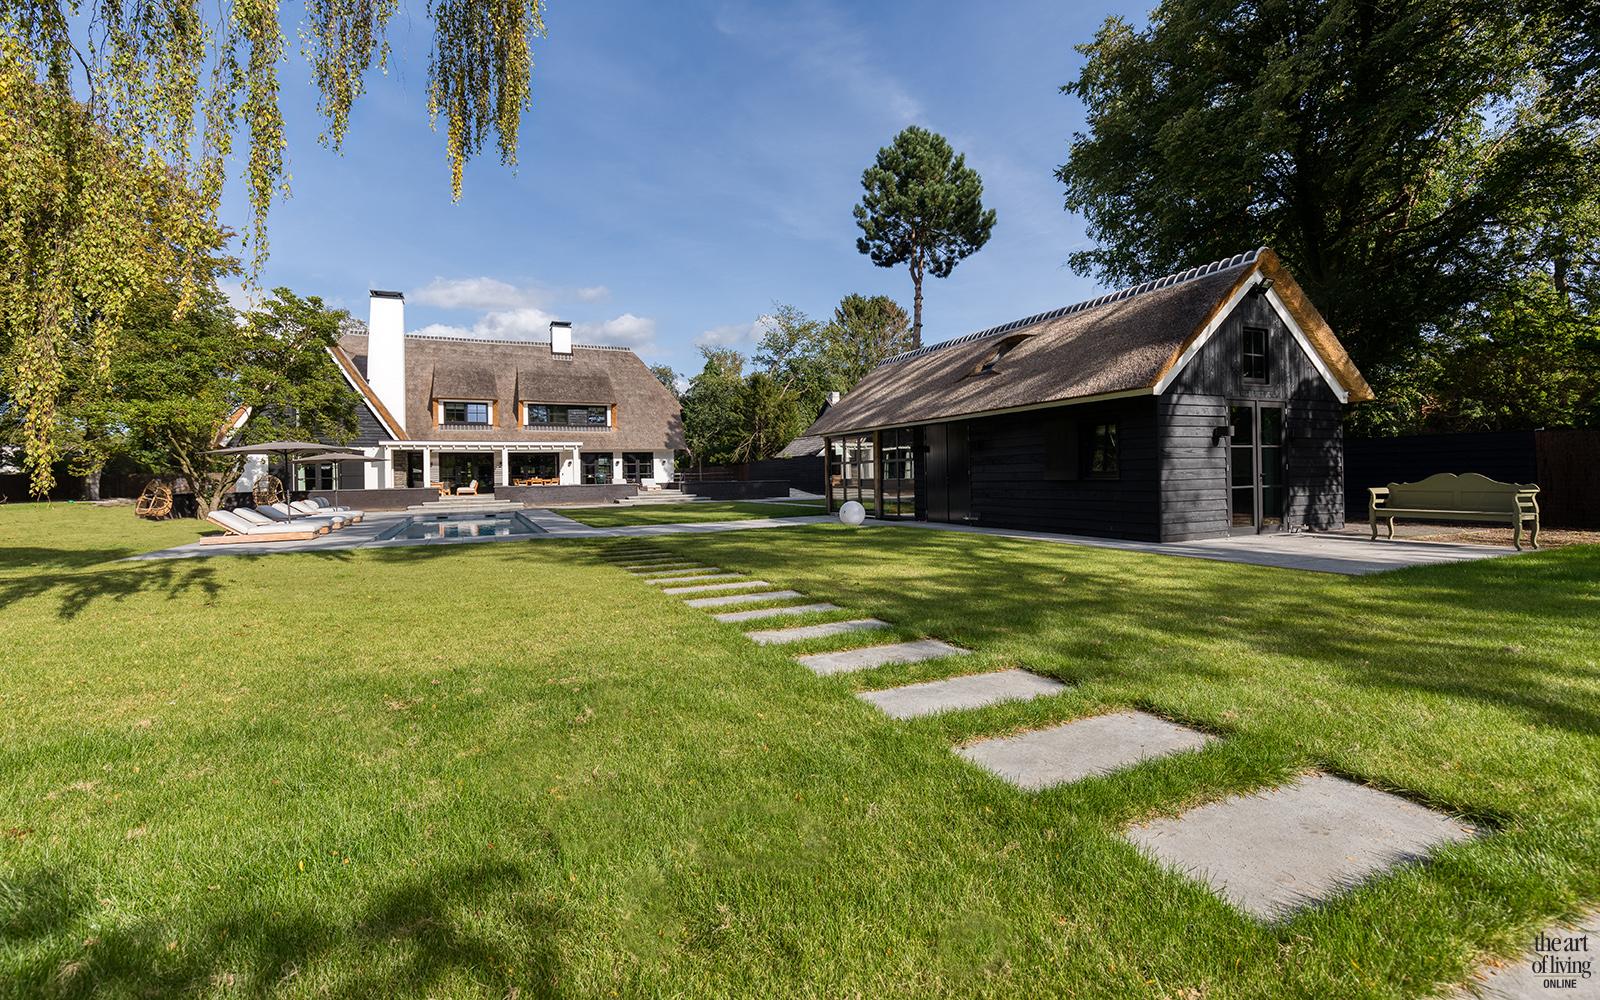 High end interieur, Herman Peters, tuinhuis, poolhouse, Stalen deuren, openslaande deuren, hide away